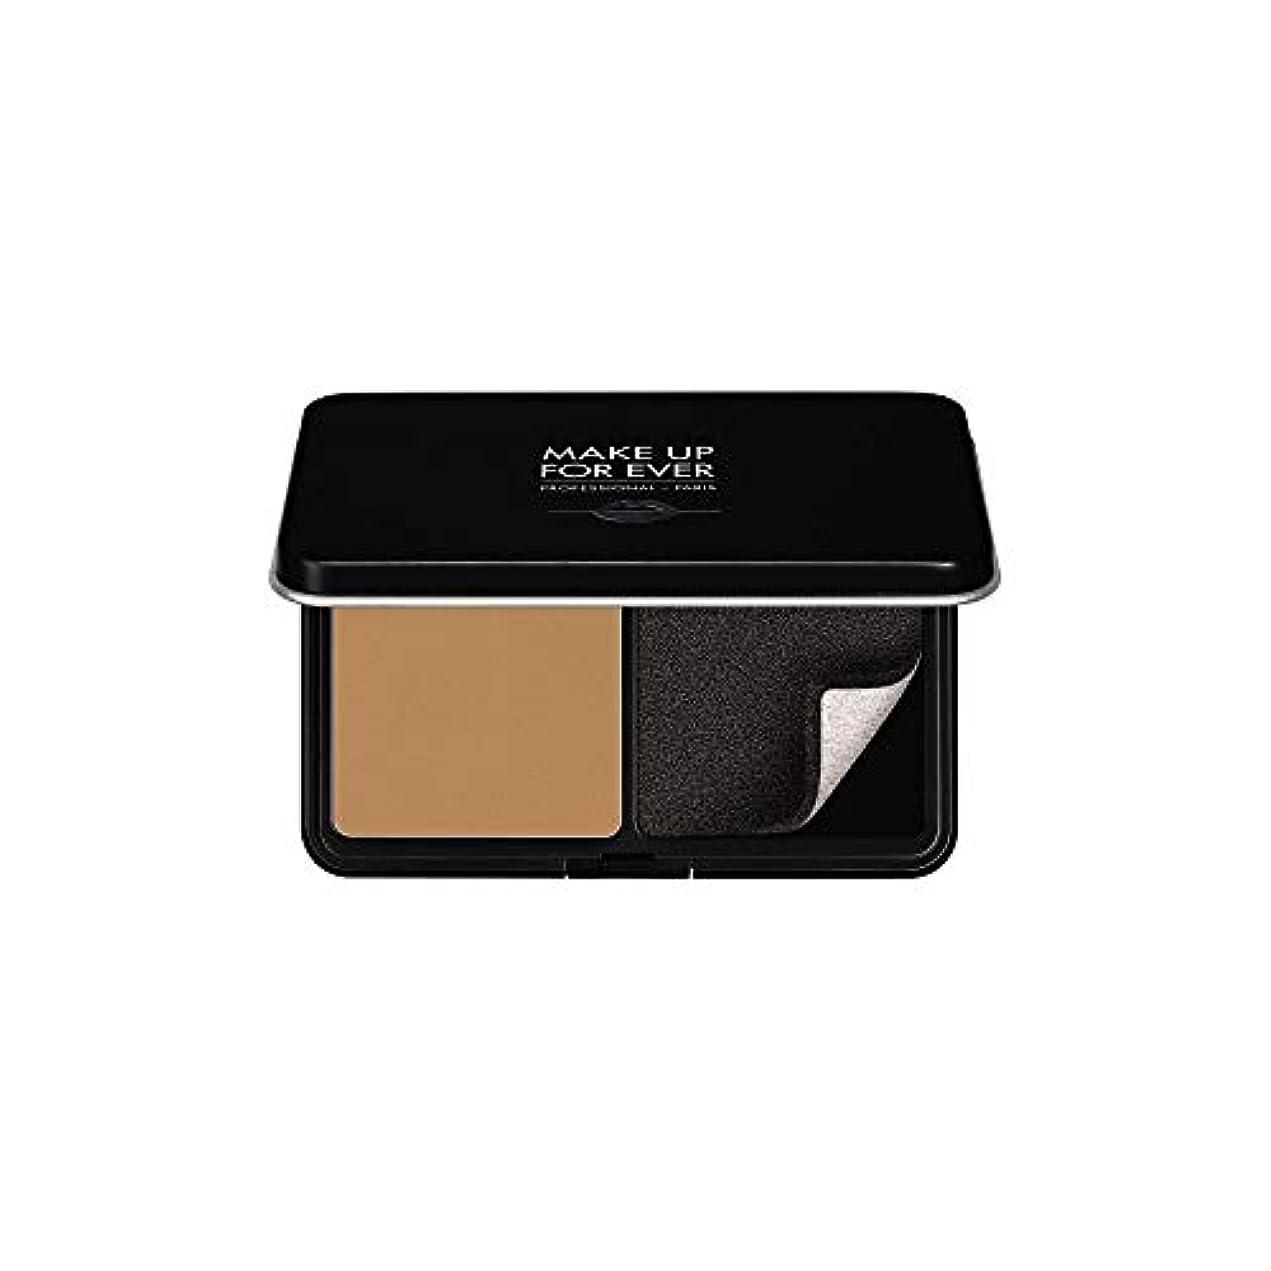 農業の無心統計メイクアップフォーエバー Matte Velvet Skin Blurring Powder Foundation - # Y415 (Almond) 11g/0.38oz並行輸入品